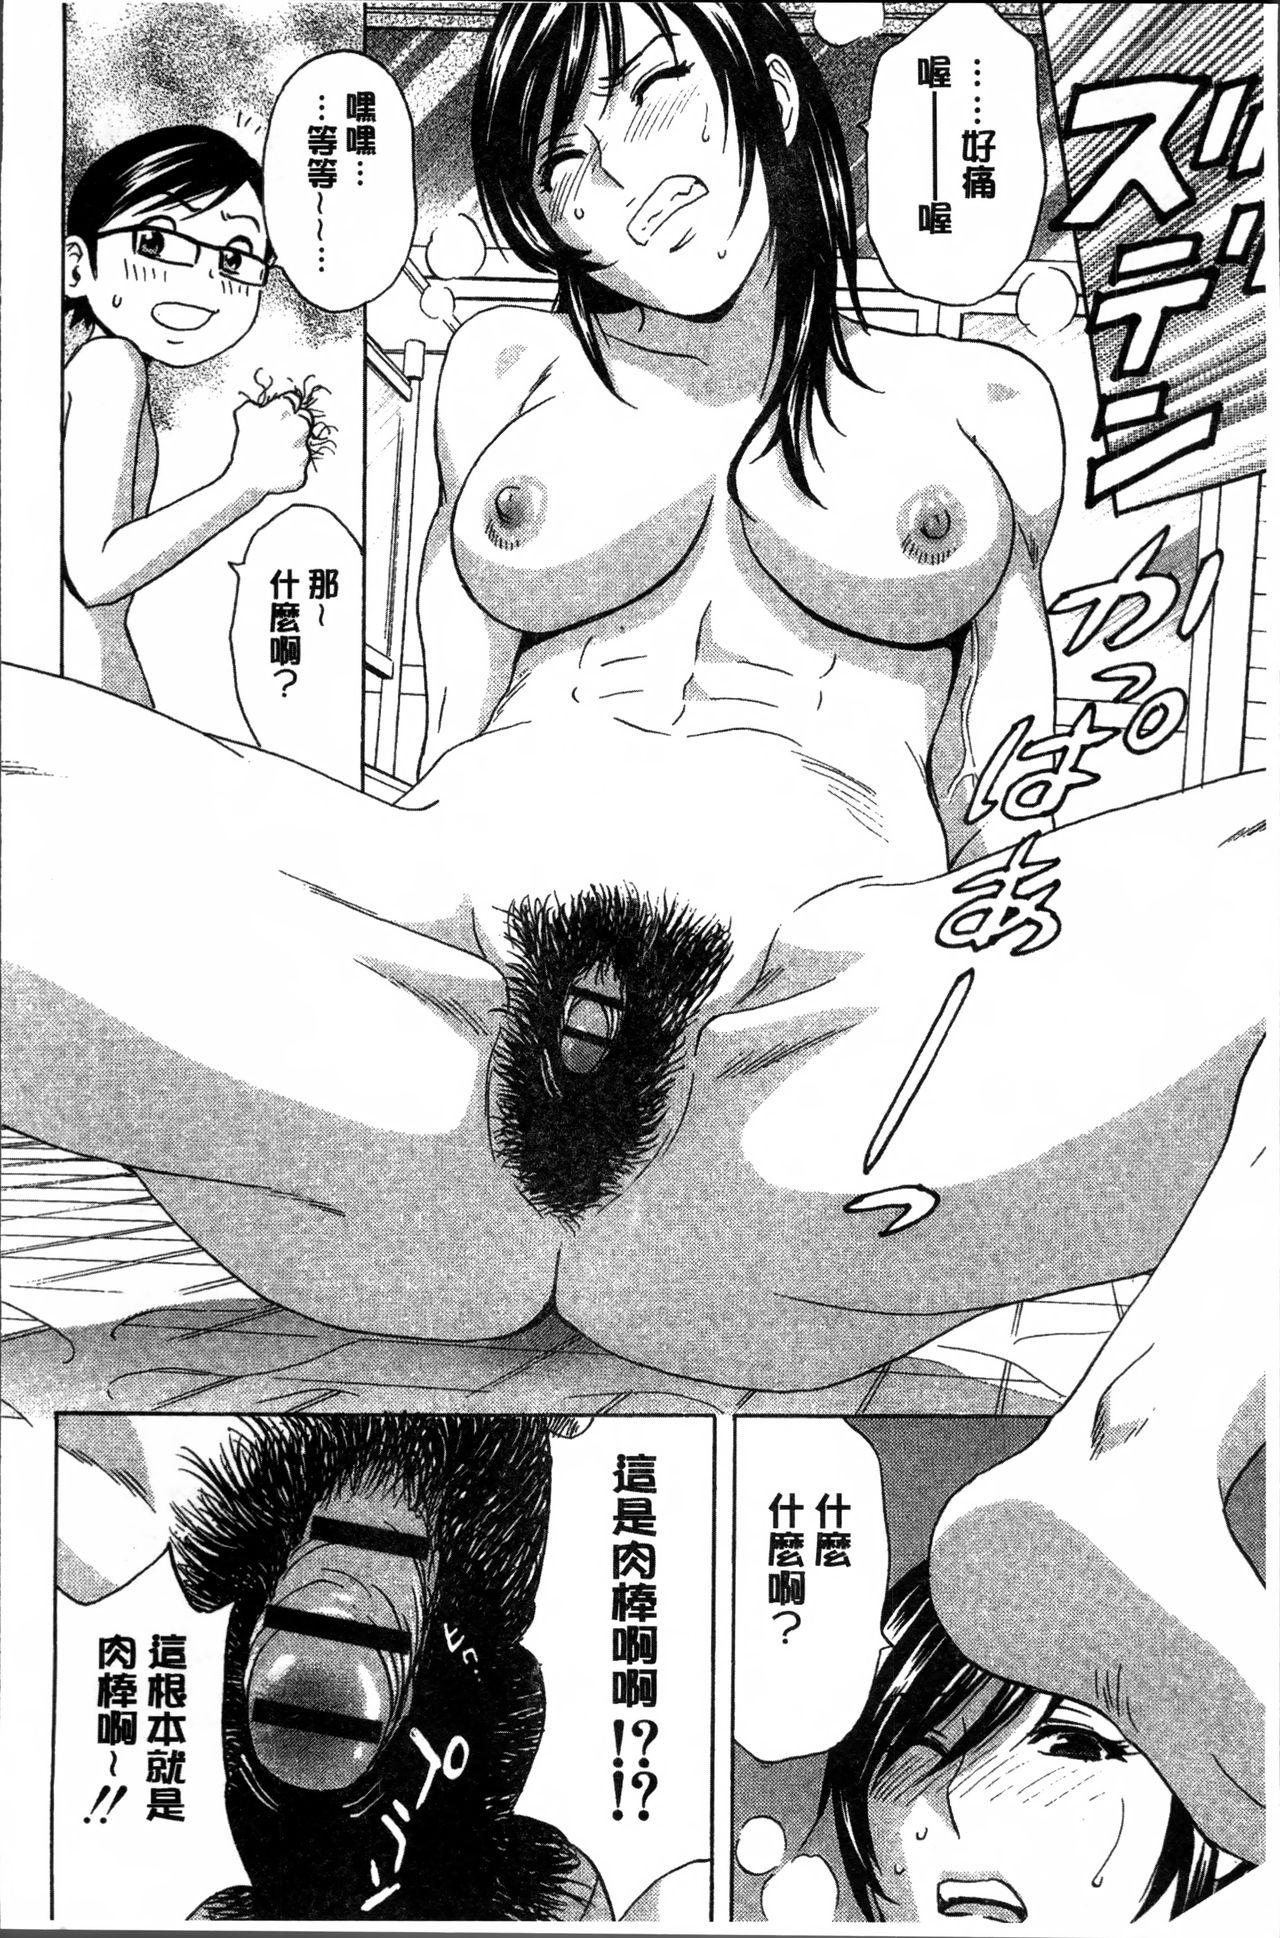 Ryoujyoku!! Urechichi Paradise 129